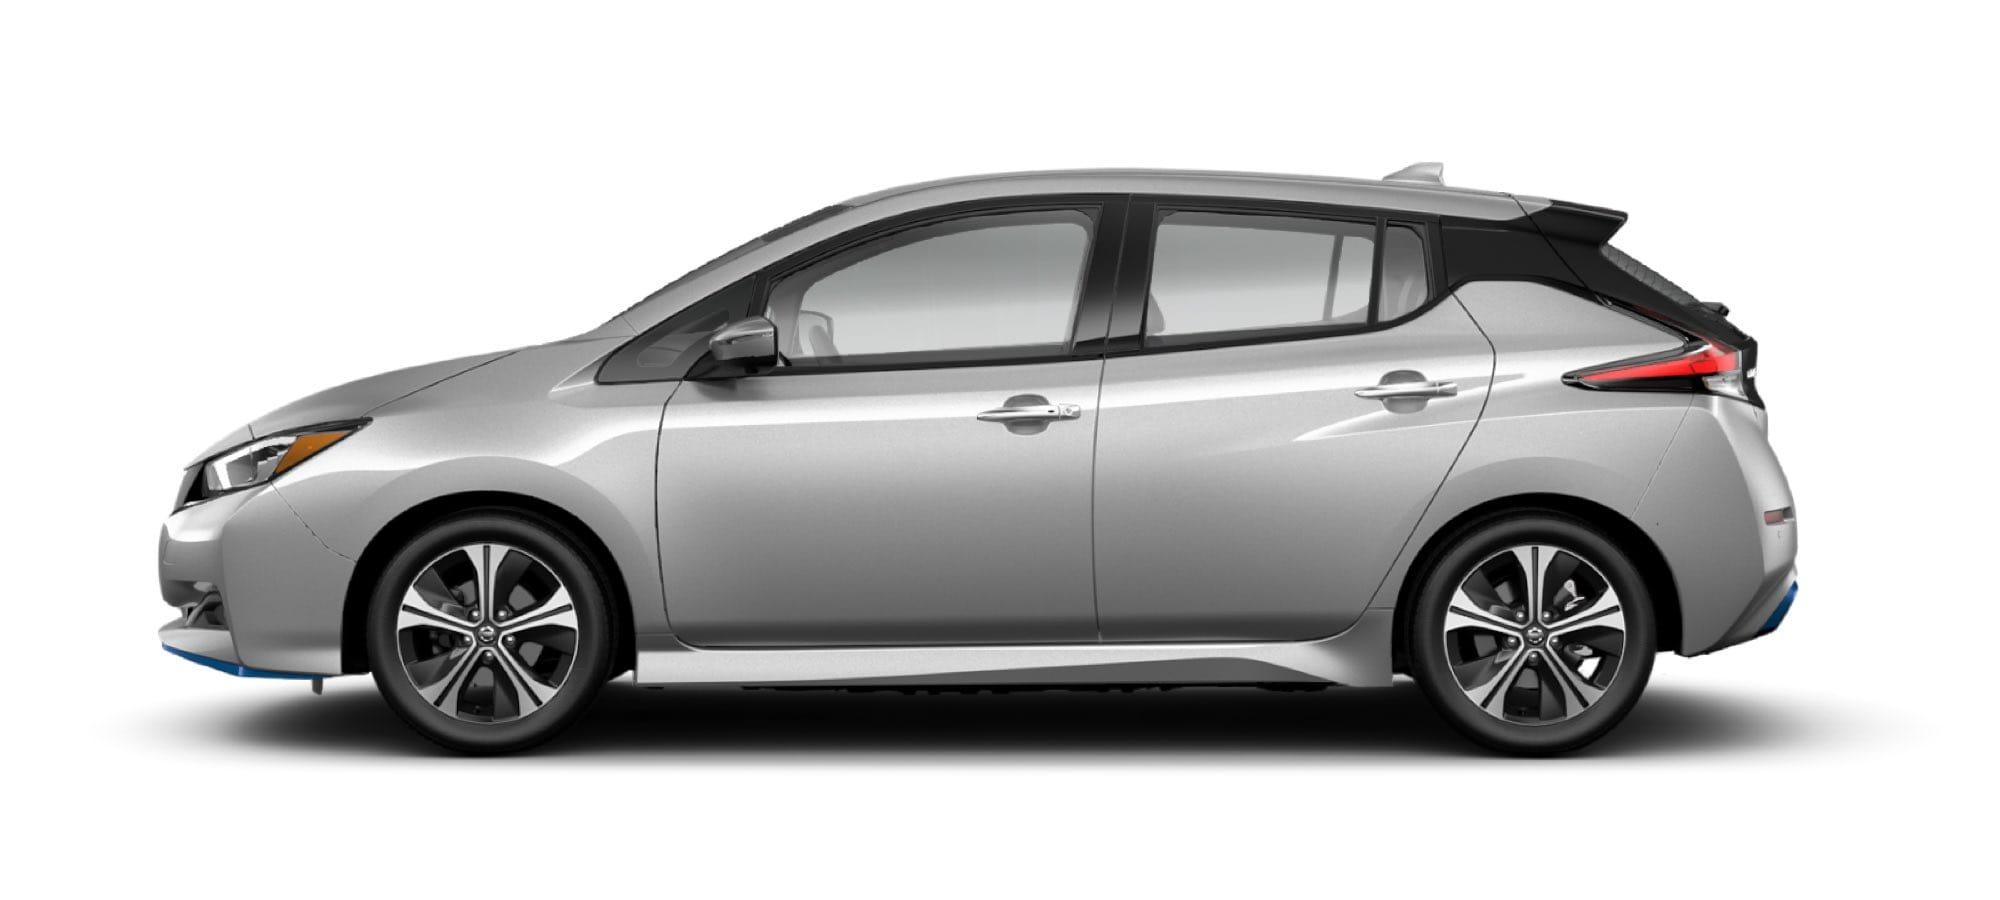 2021 Nissan LEAF in Brilliant Silver Metallic